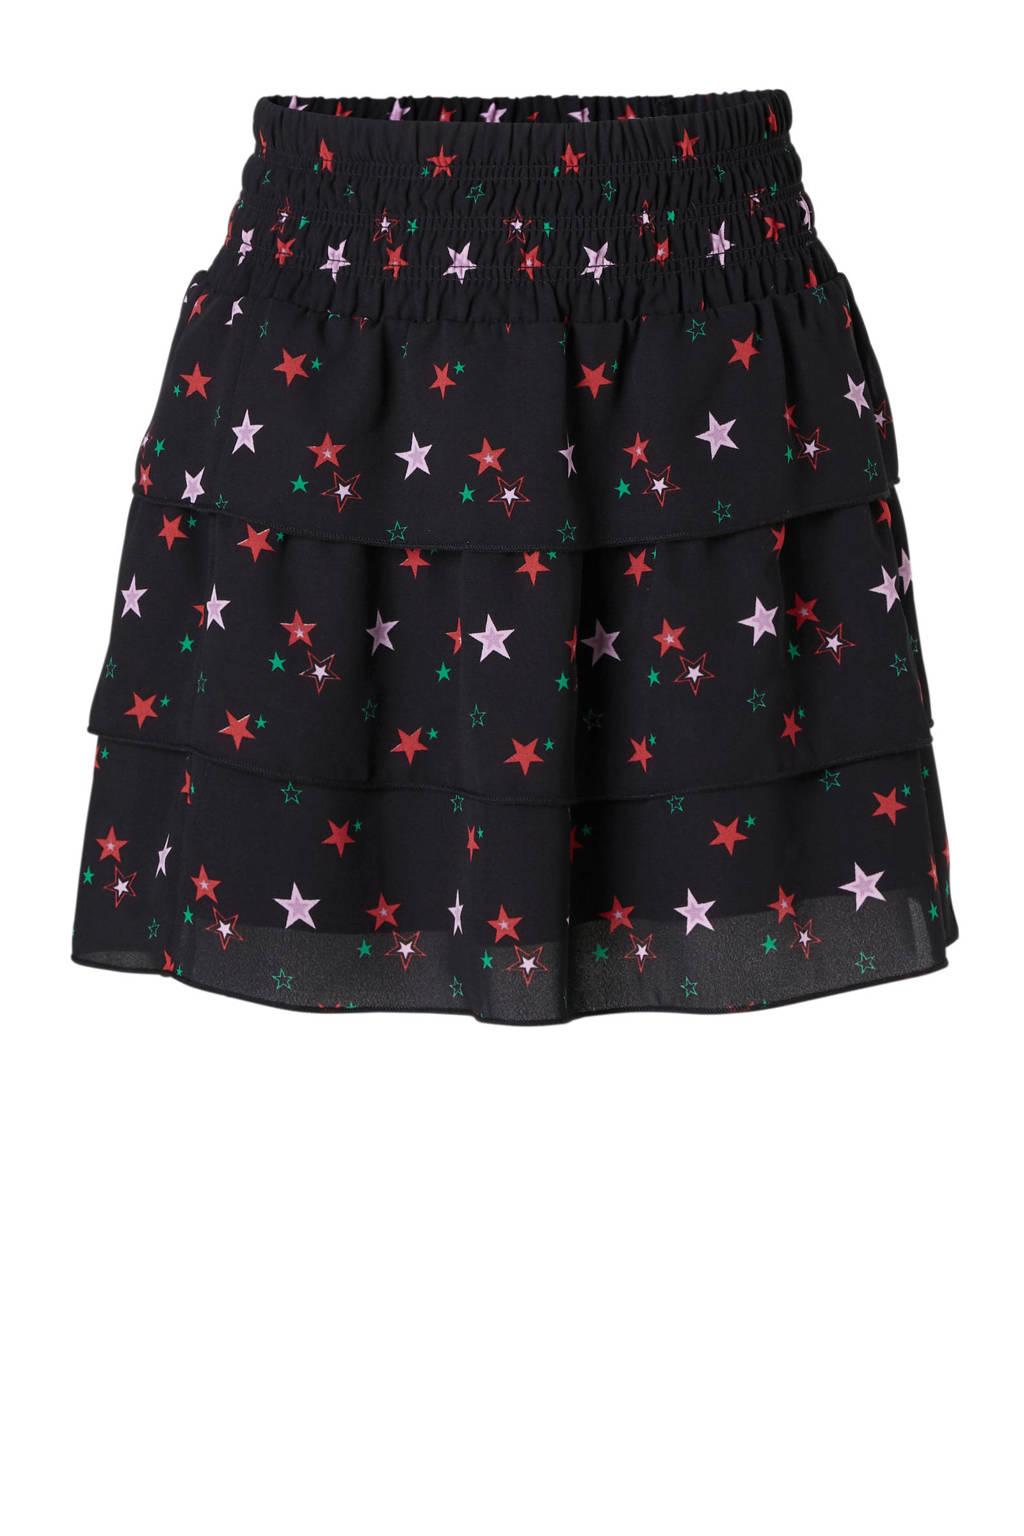 NIK&NIK strokenrok met sterren zwart, Zwart/rood/lila